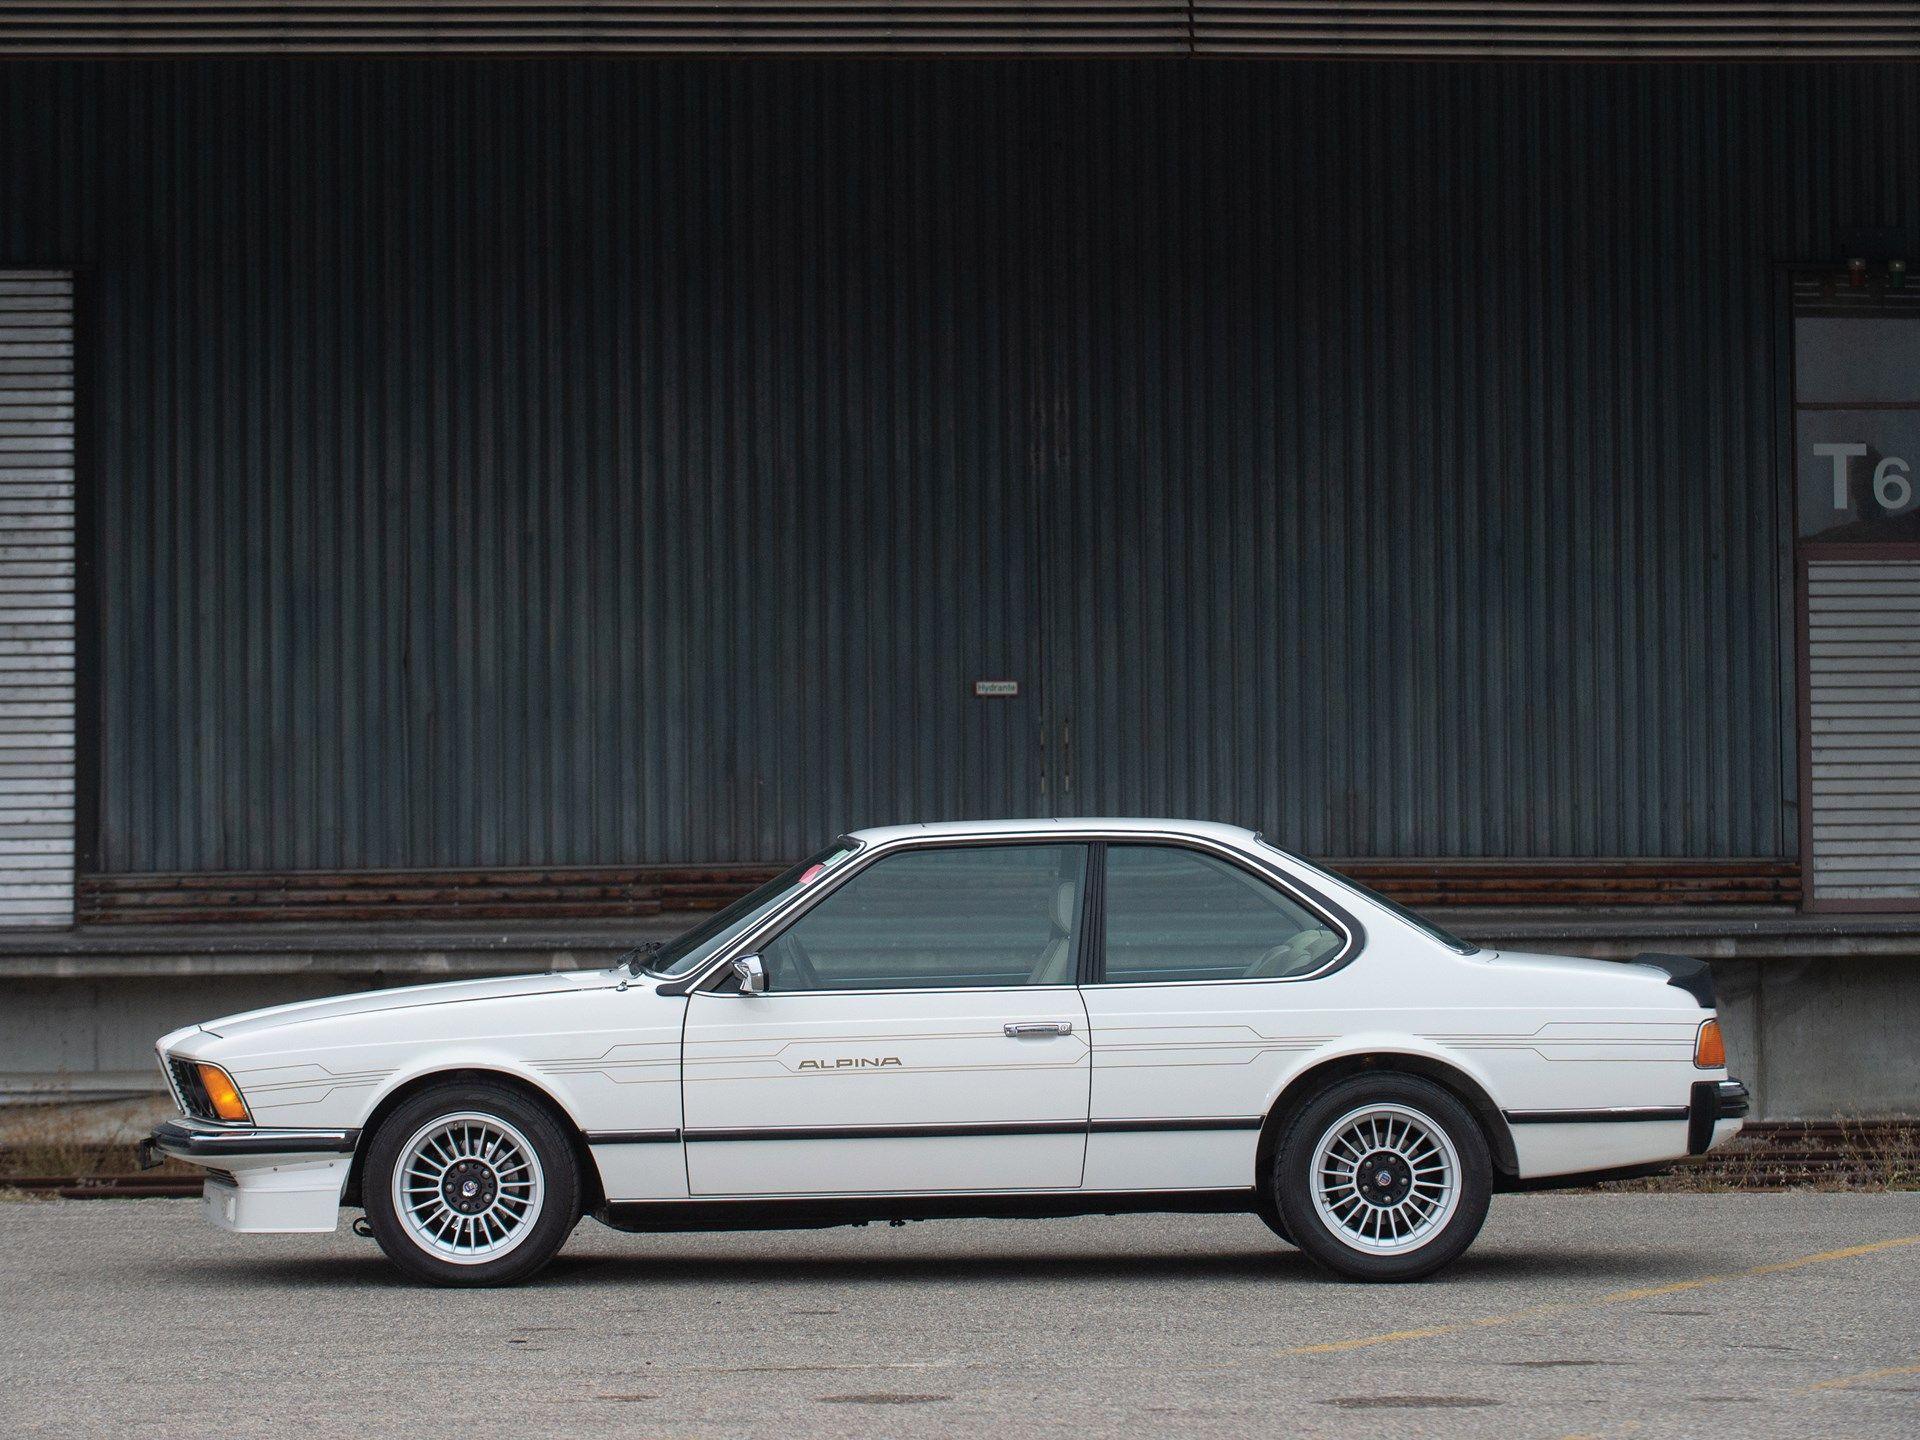 Bmw Alpina B7 Turbo Bmw Alpina Bmw E24 Bmw